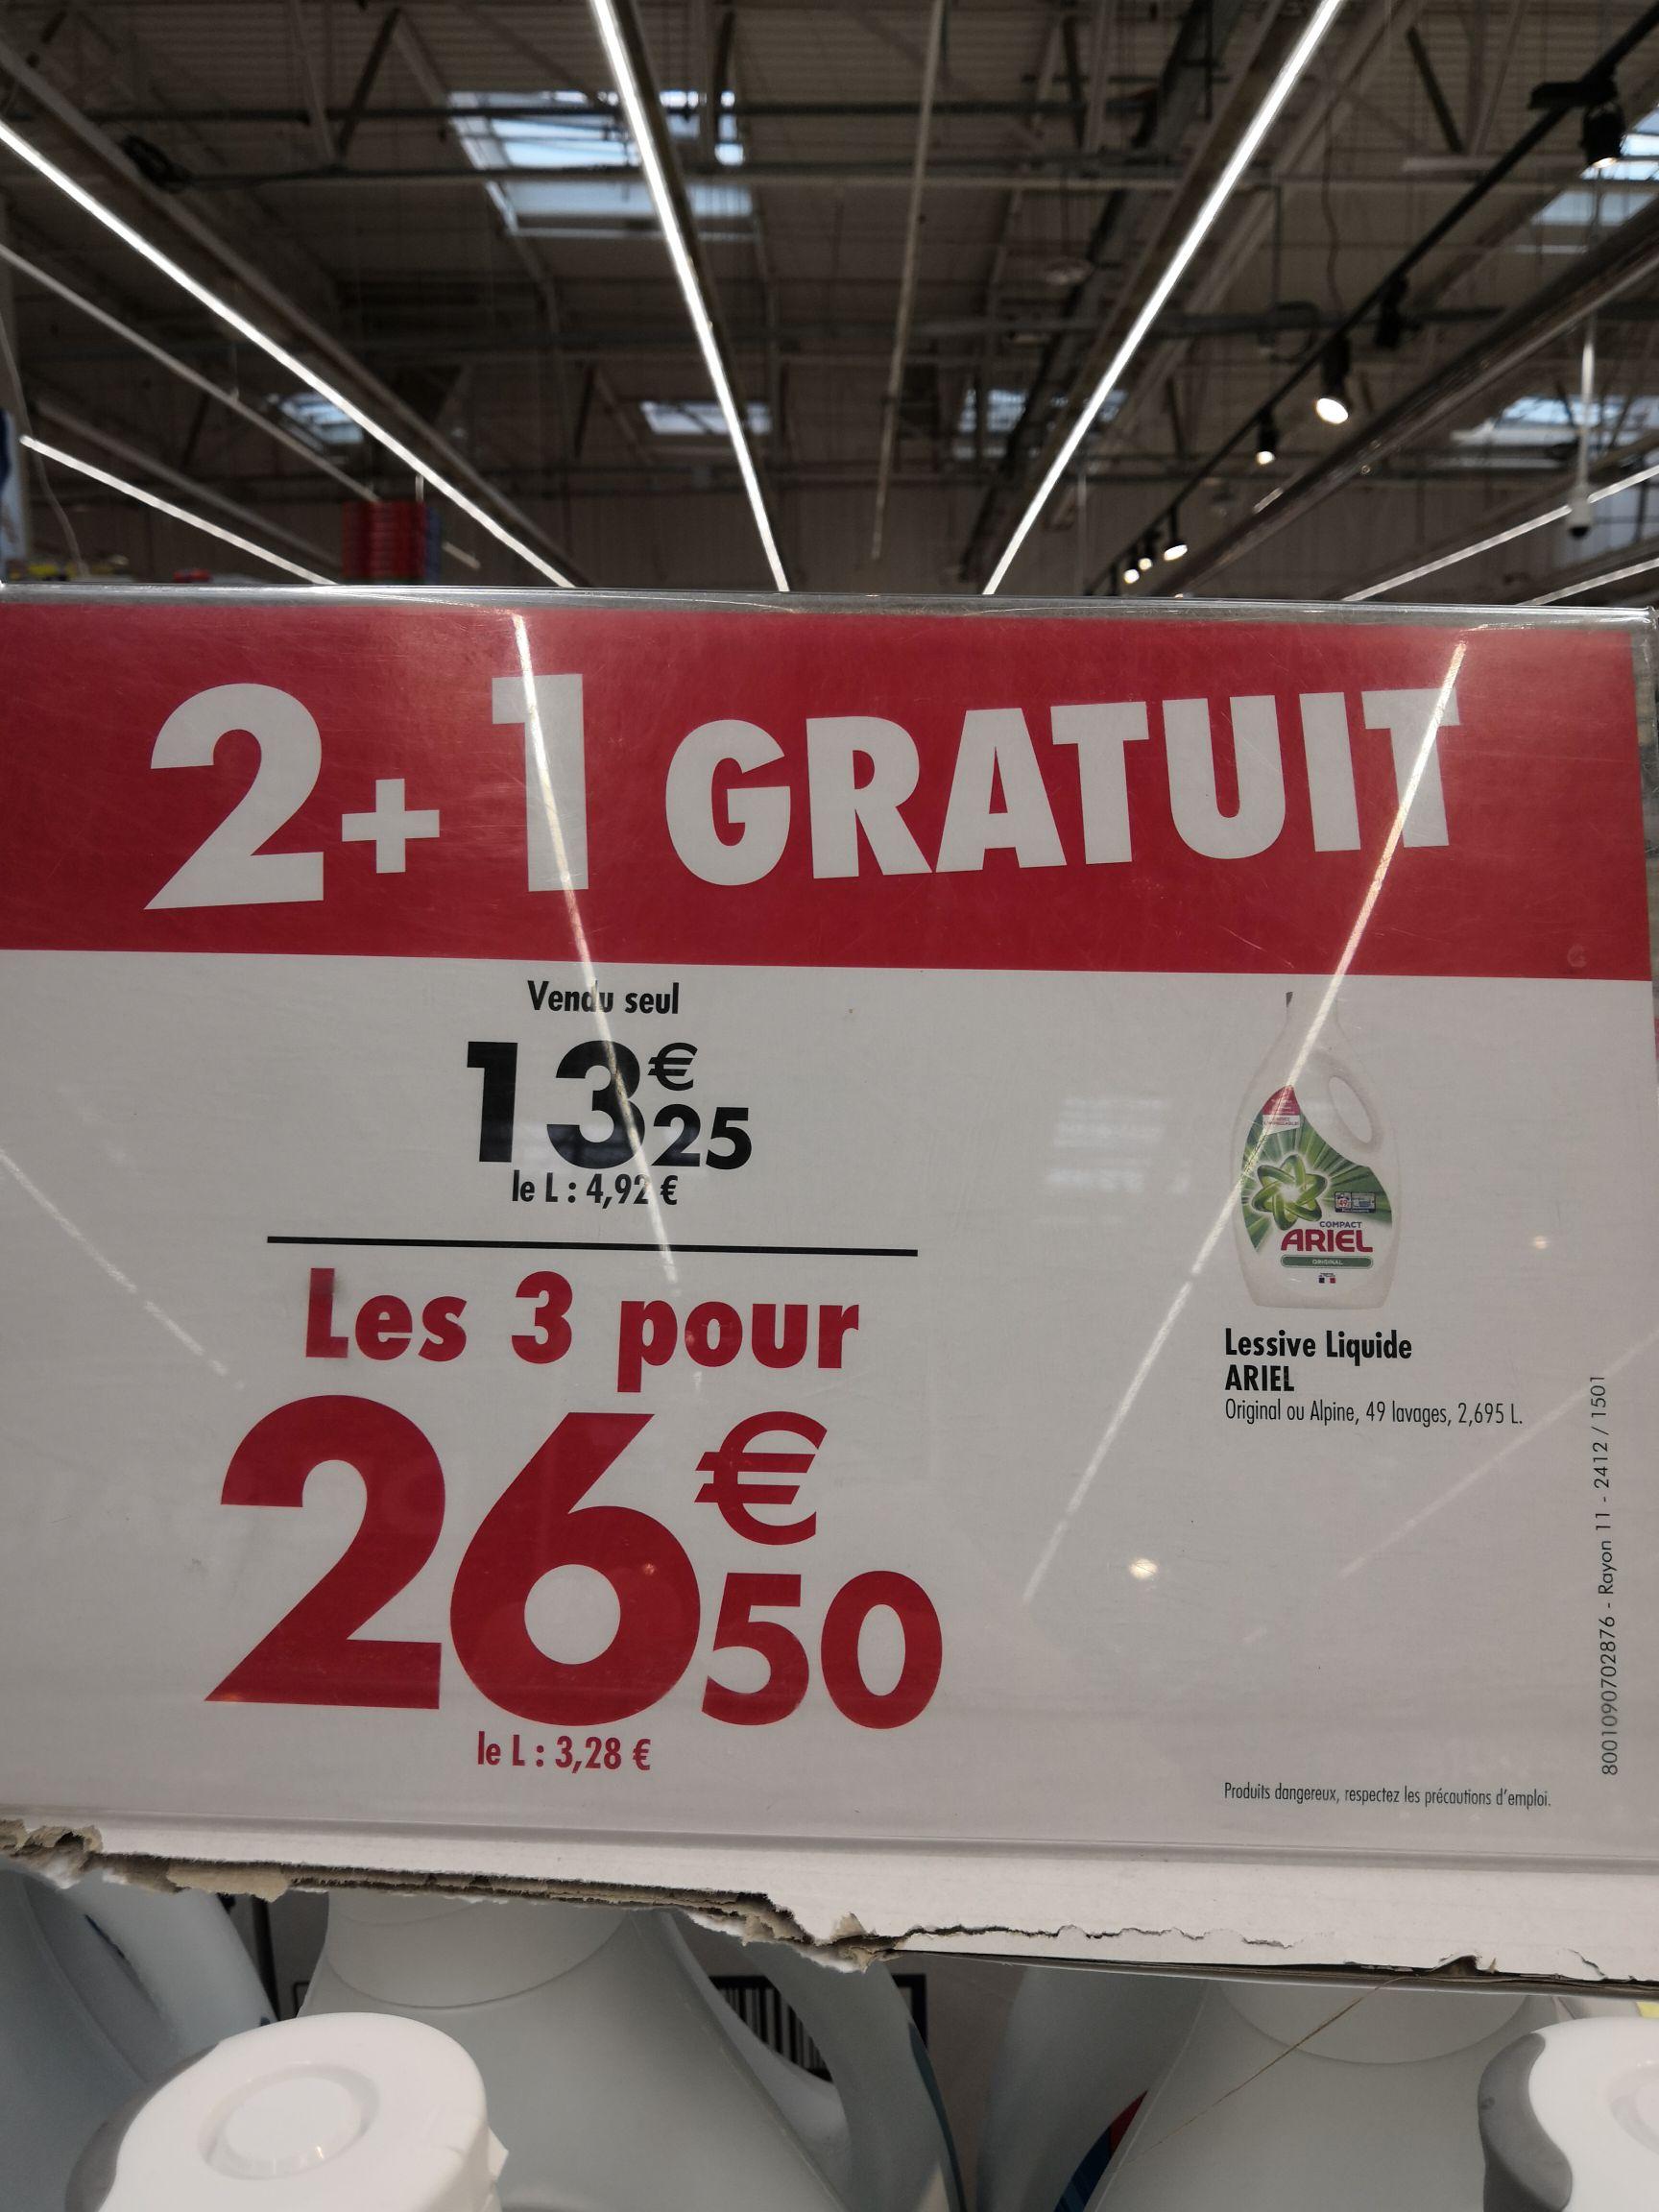 Lot de 3 bidons de lessive liquide Ariel Original ou Alpine (3x2.695 L) - Barentin (76)